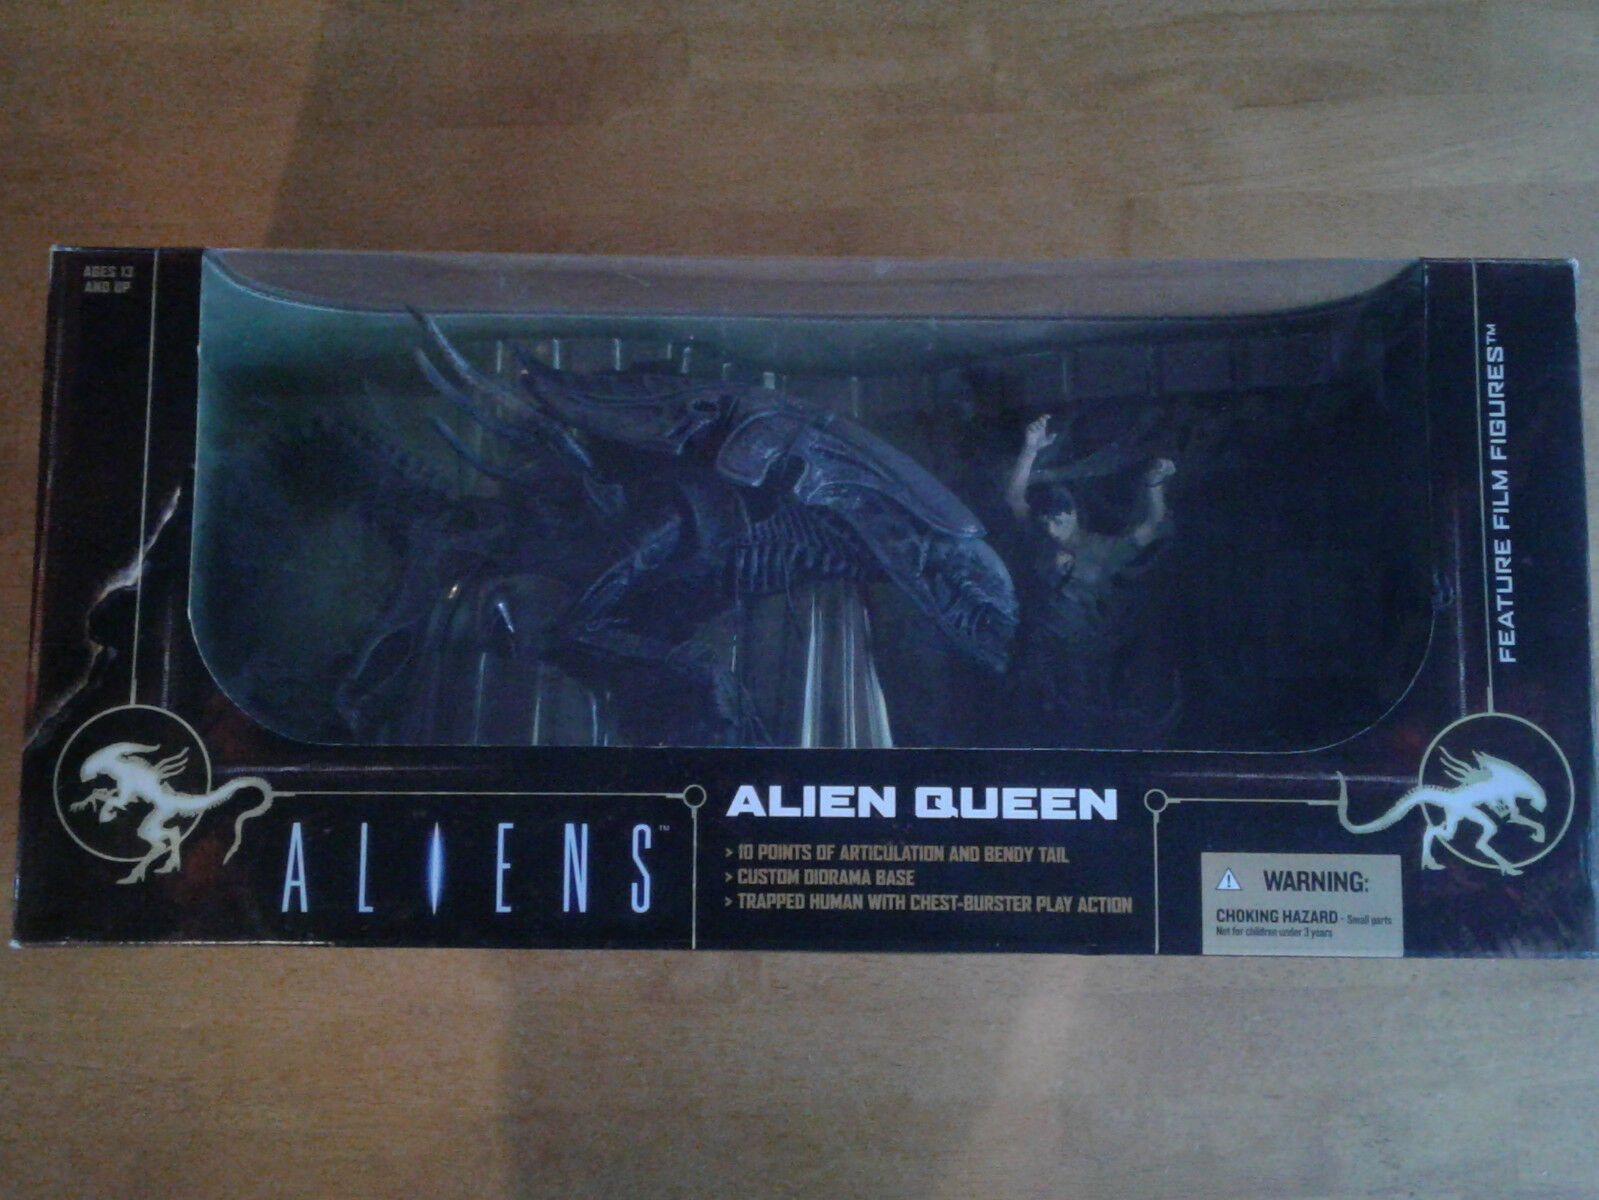 McFarlane NEW ALIENS - ALIEN QUEEN vs RIPLEY - Deluxe Box Set - 2003